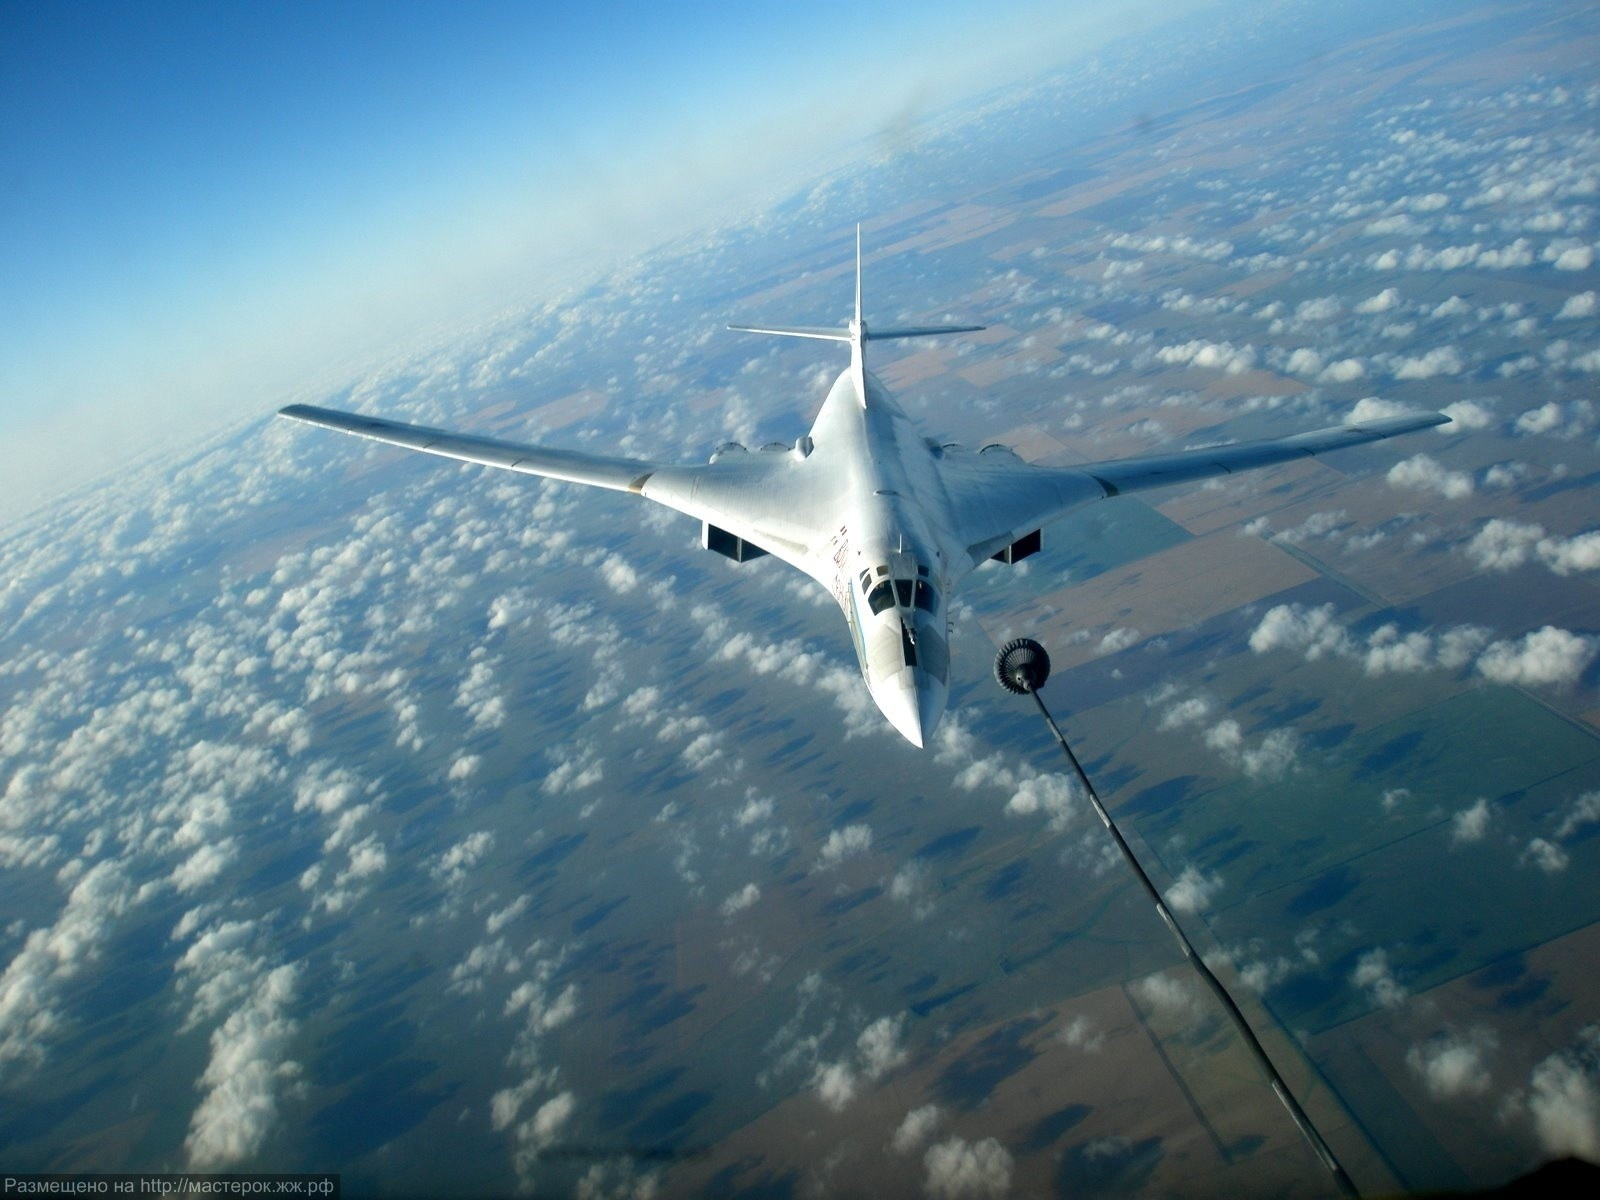 Особенностью конструкции планера самолета является интегральная схема аэродинамической компоновки, согласно которой...